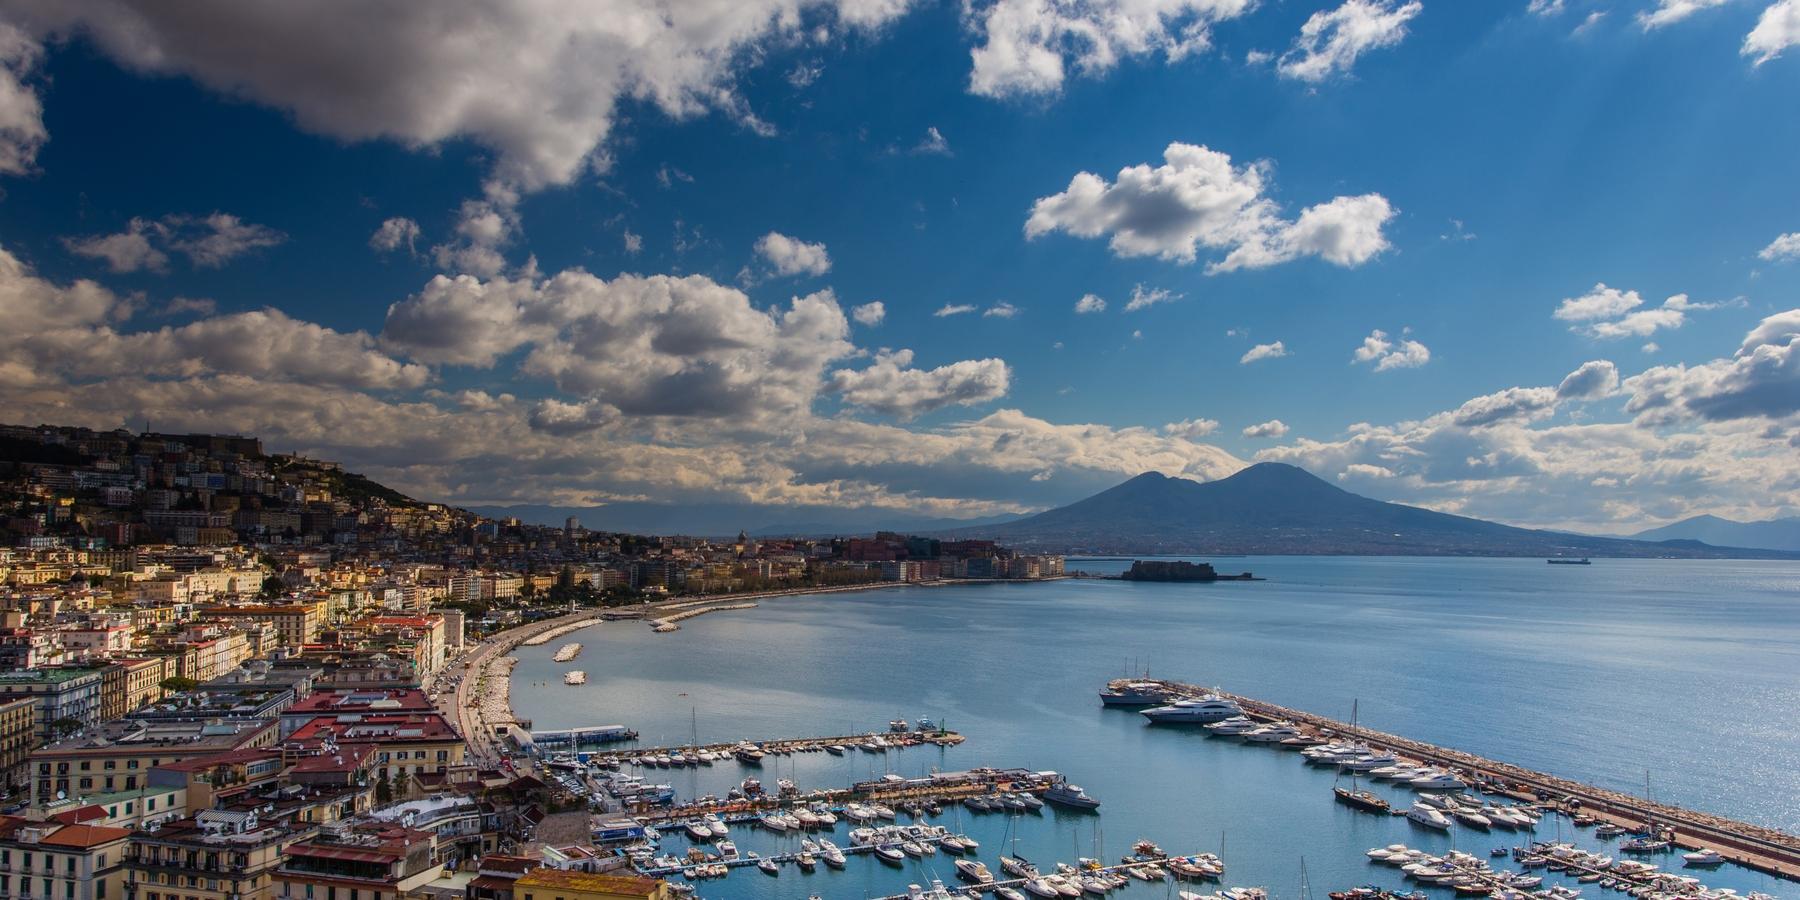 Posti da vedere in Italia: Napoli, Campania